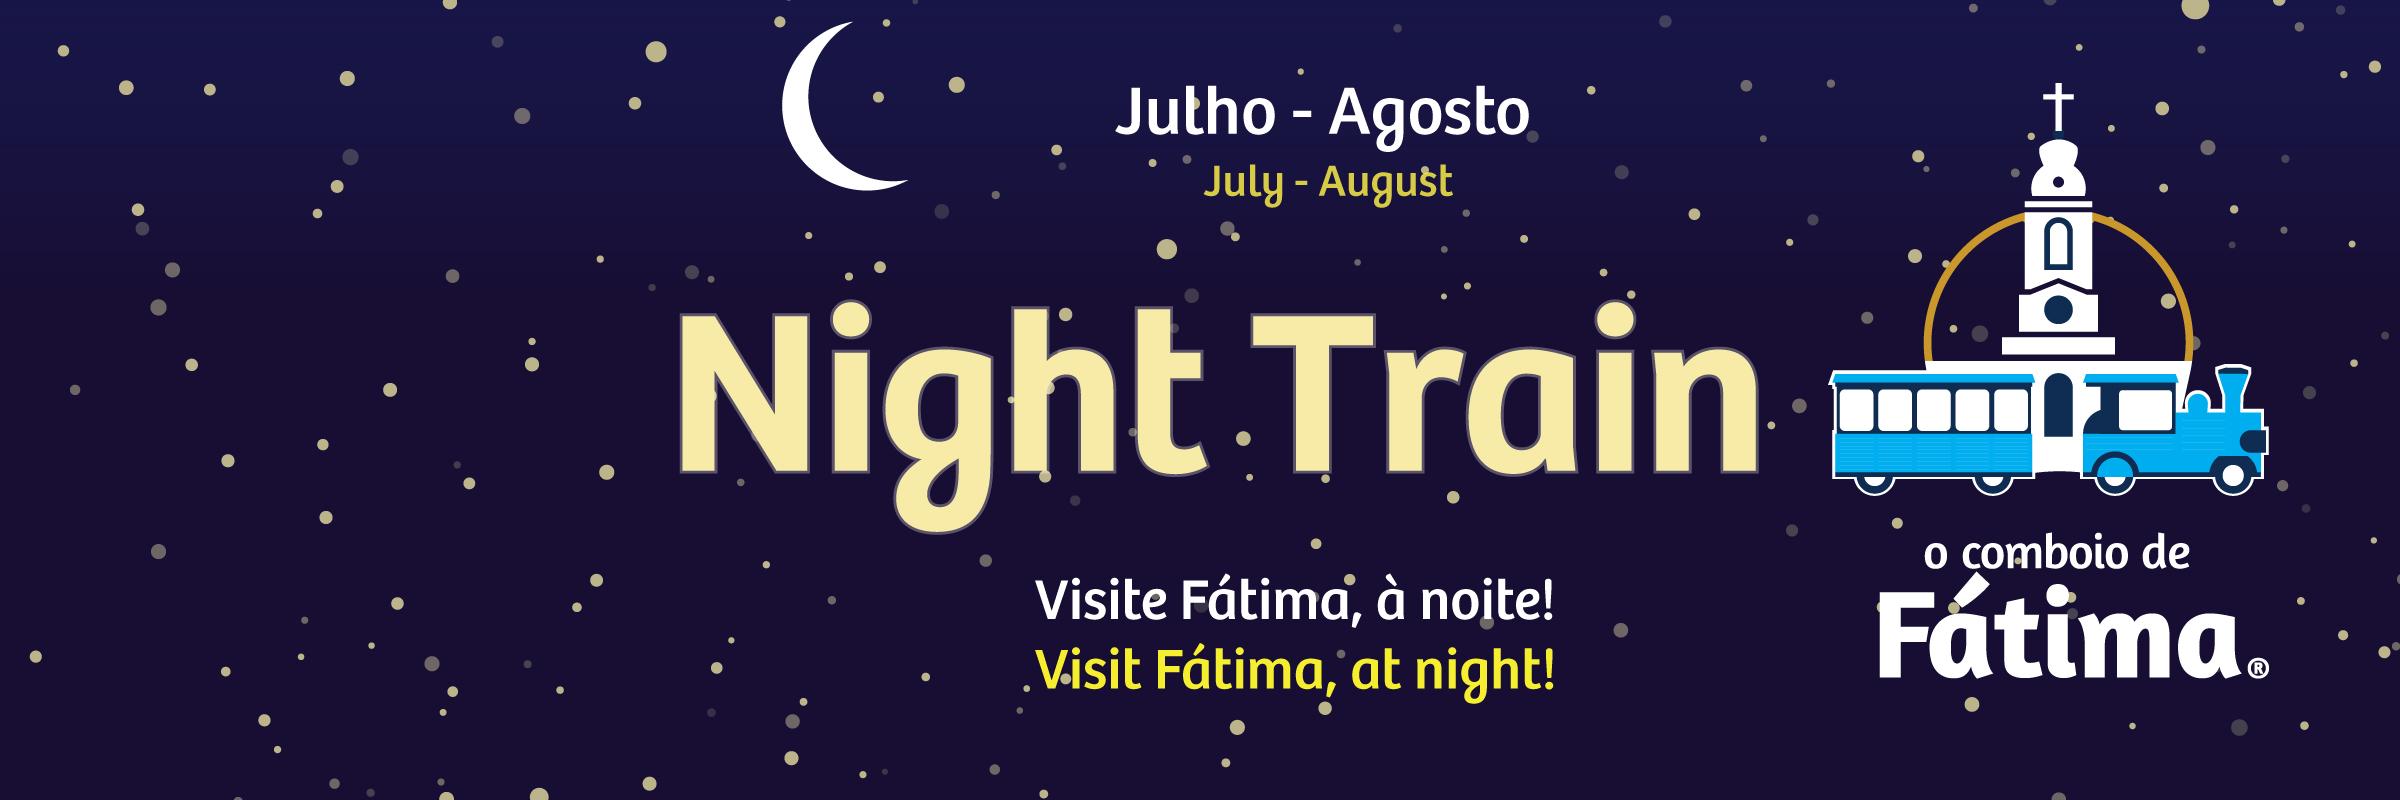 night-train-banner-website